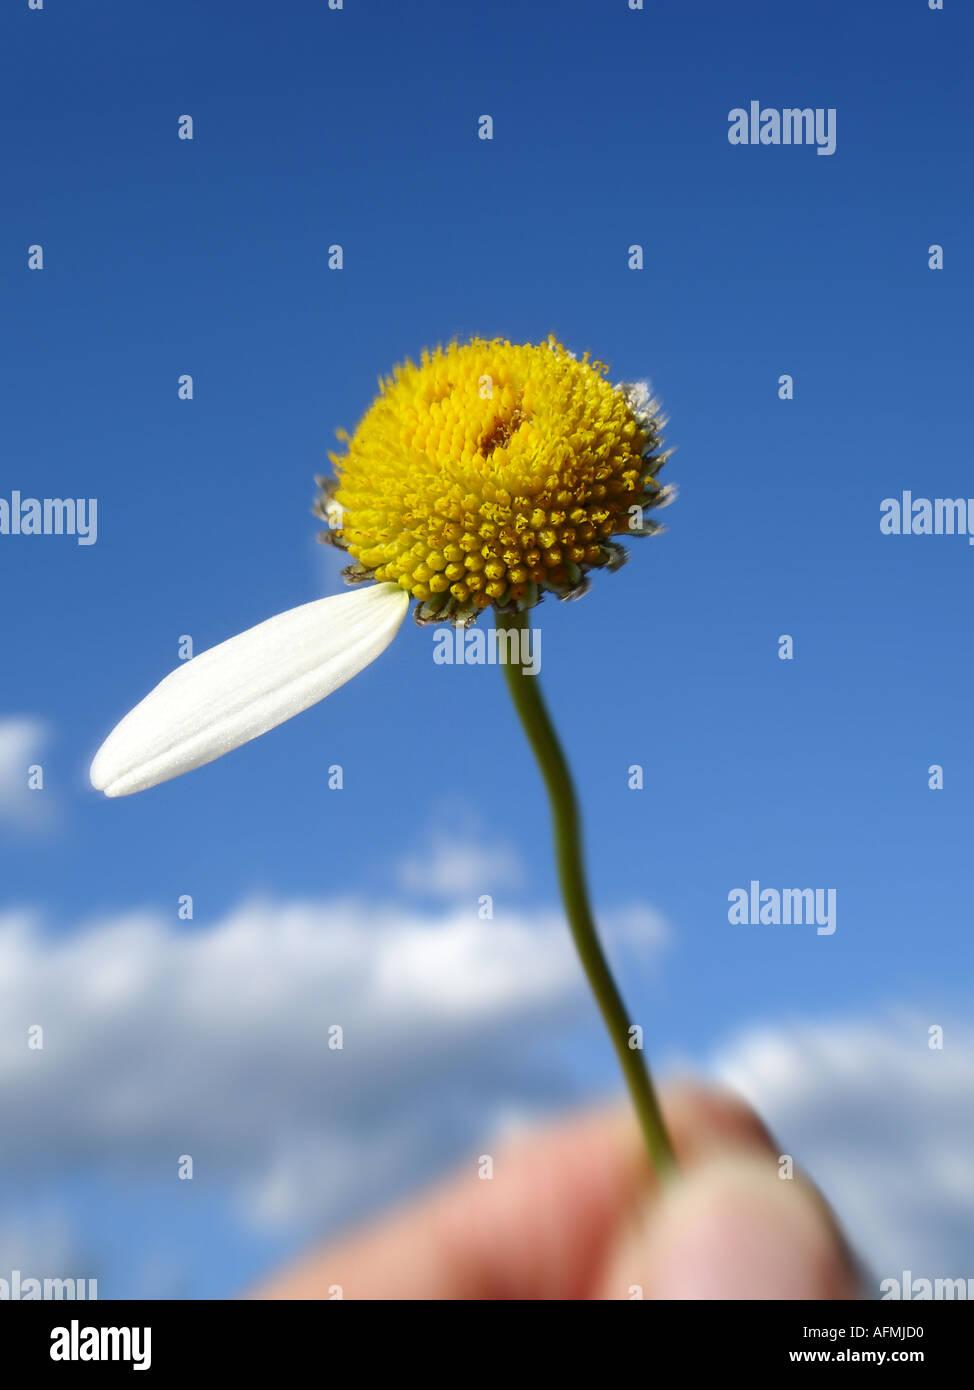 daisy with one leaf left Margerite mit einem Blütenblatt übrig - Stock Image